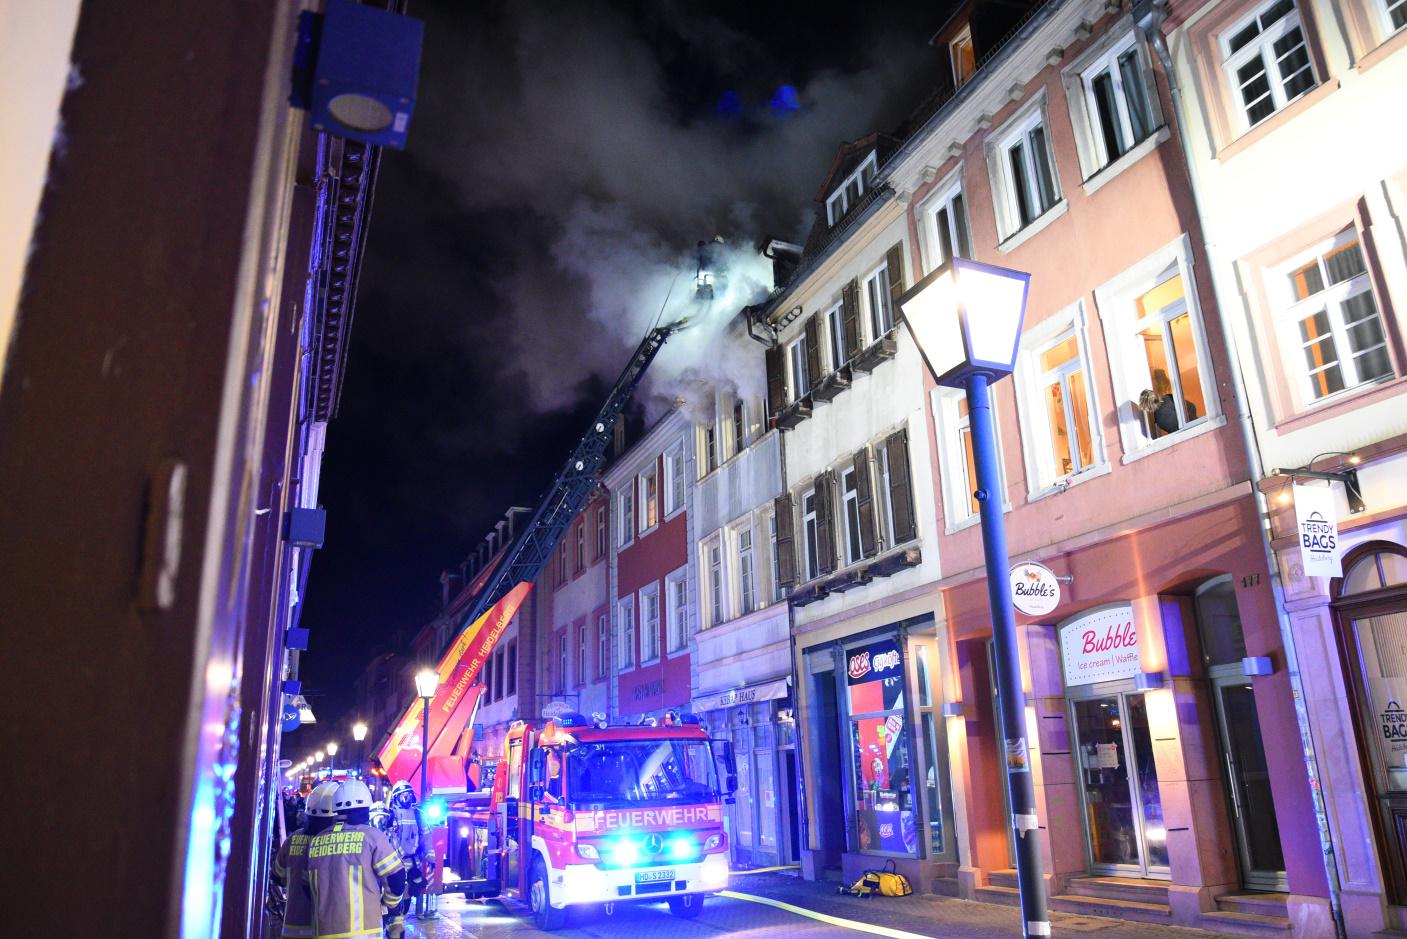 Heidelberg: Brand in Heidelberger Altstadt - Statiker überprüft Häuser - zwei der drei Häuser wieder freigeben